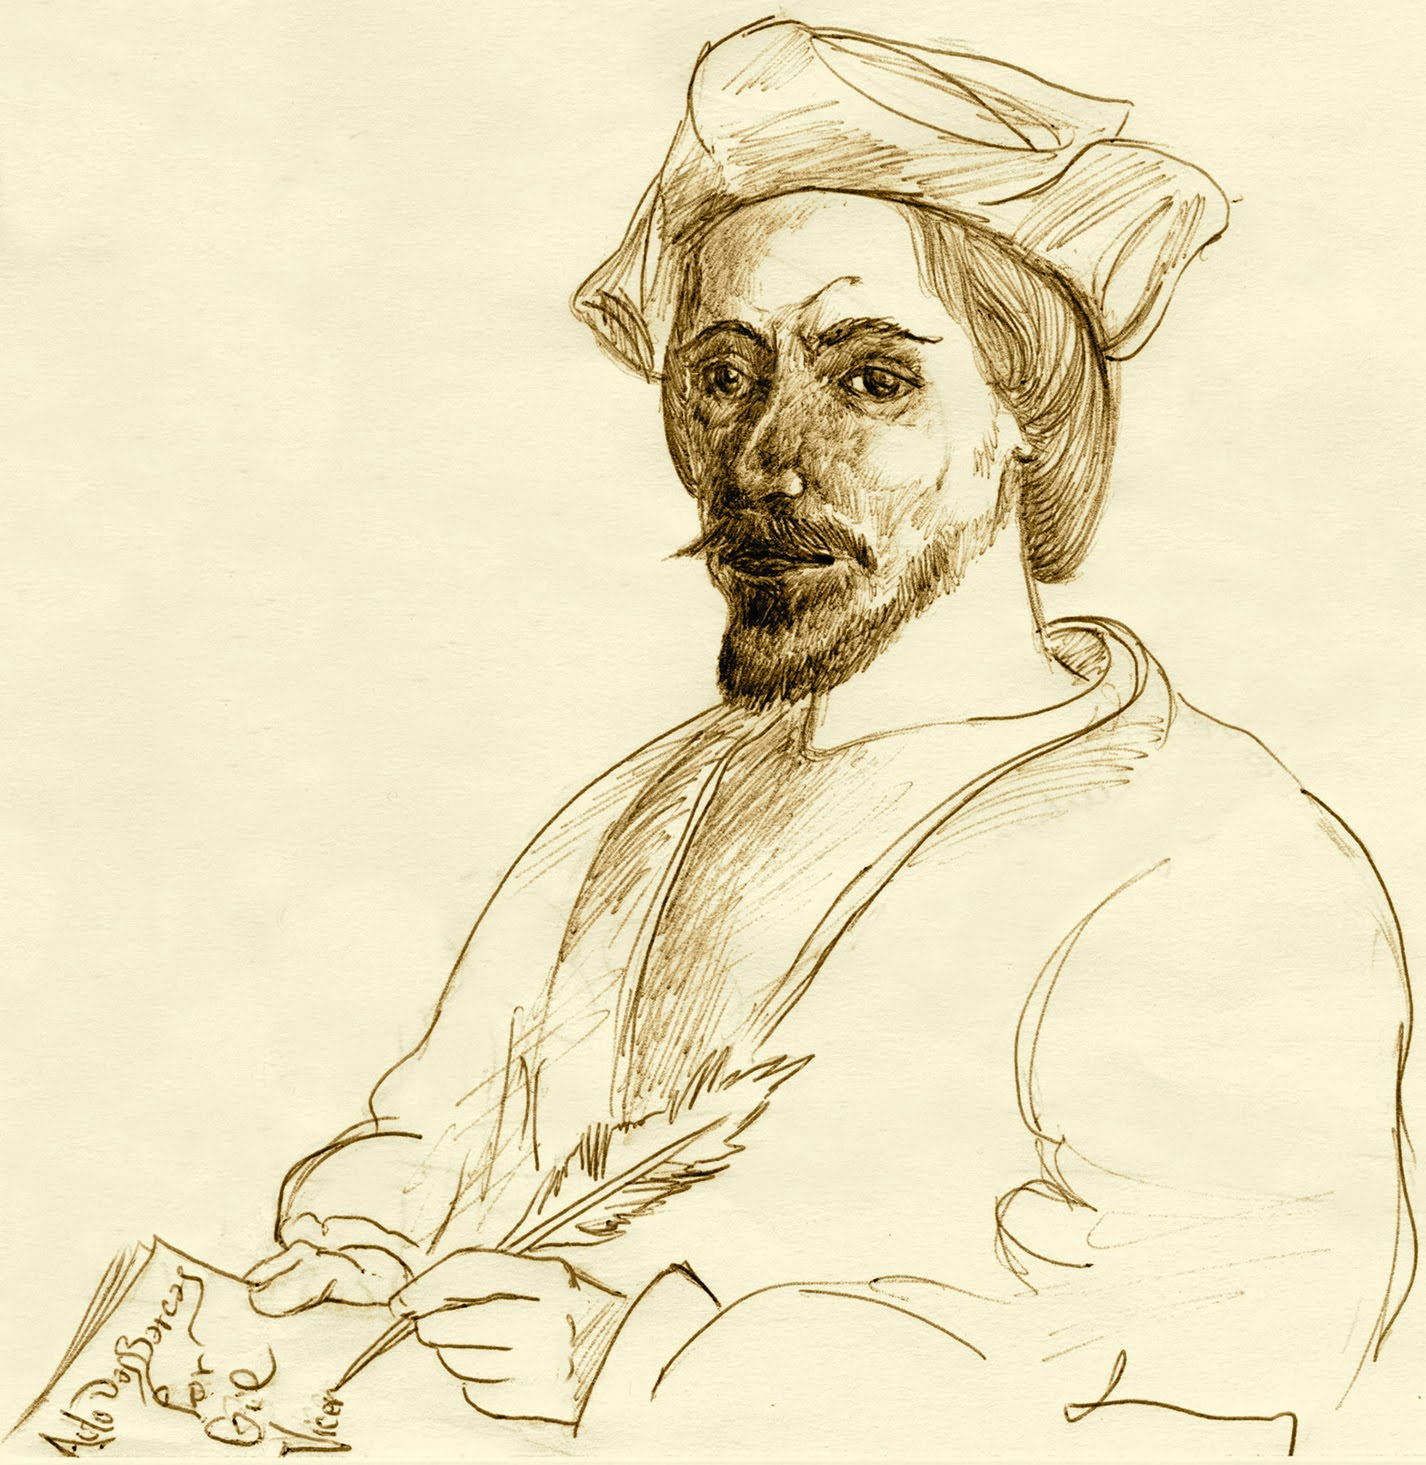 Vicente, Gil portréja